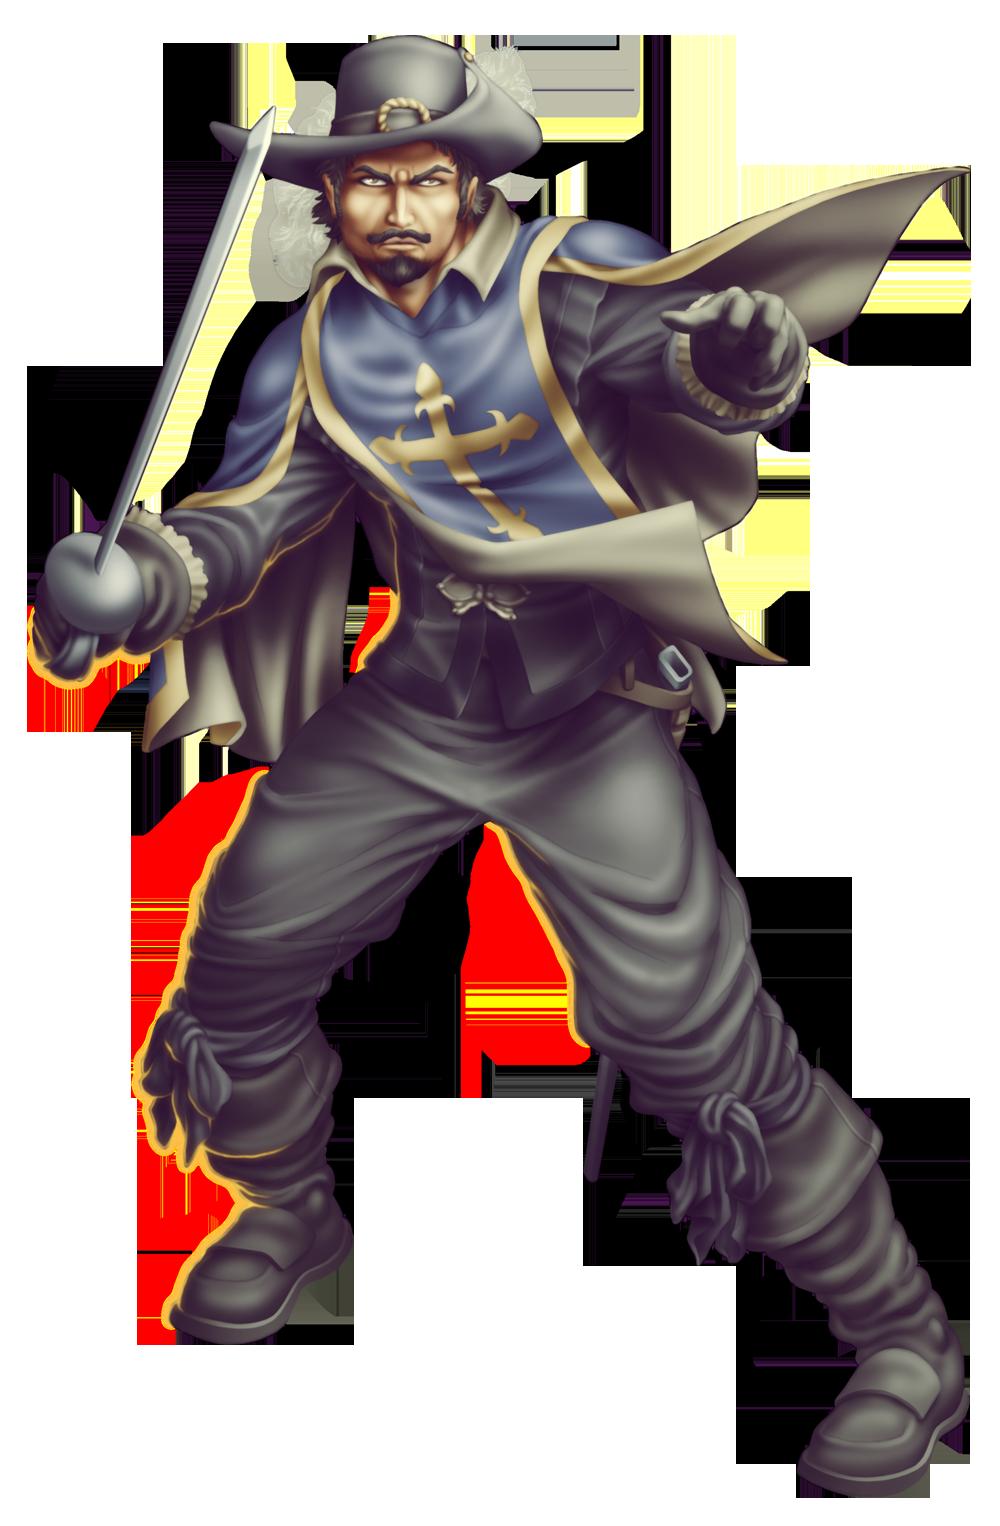 Commish 387: Musketeer by rhardo